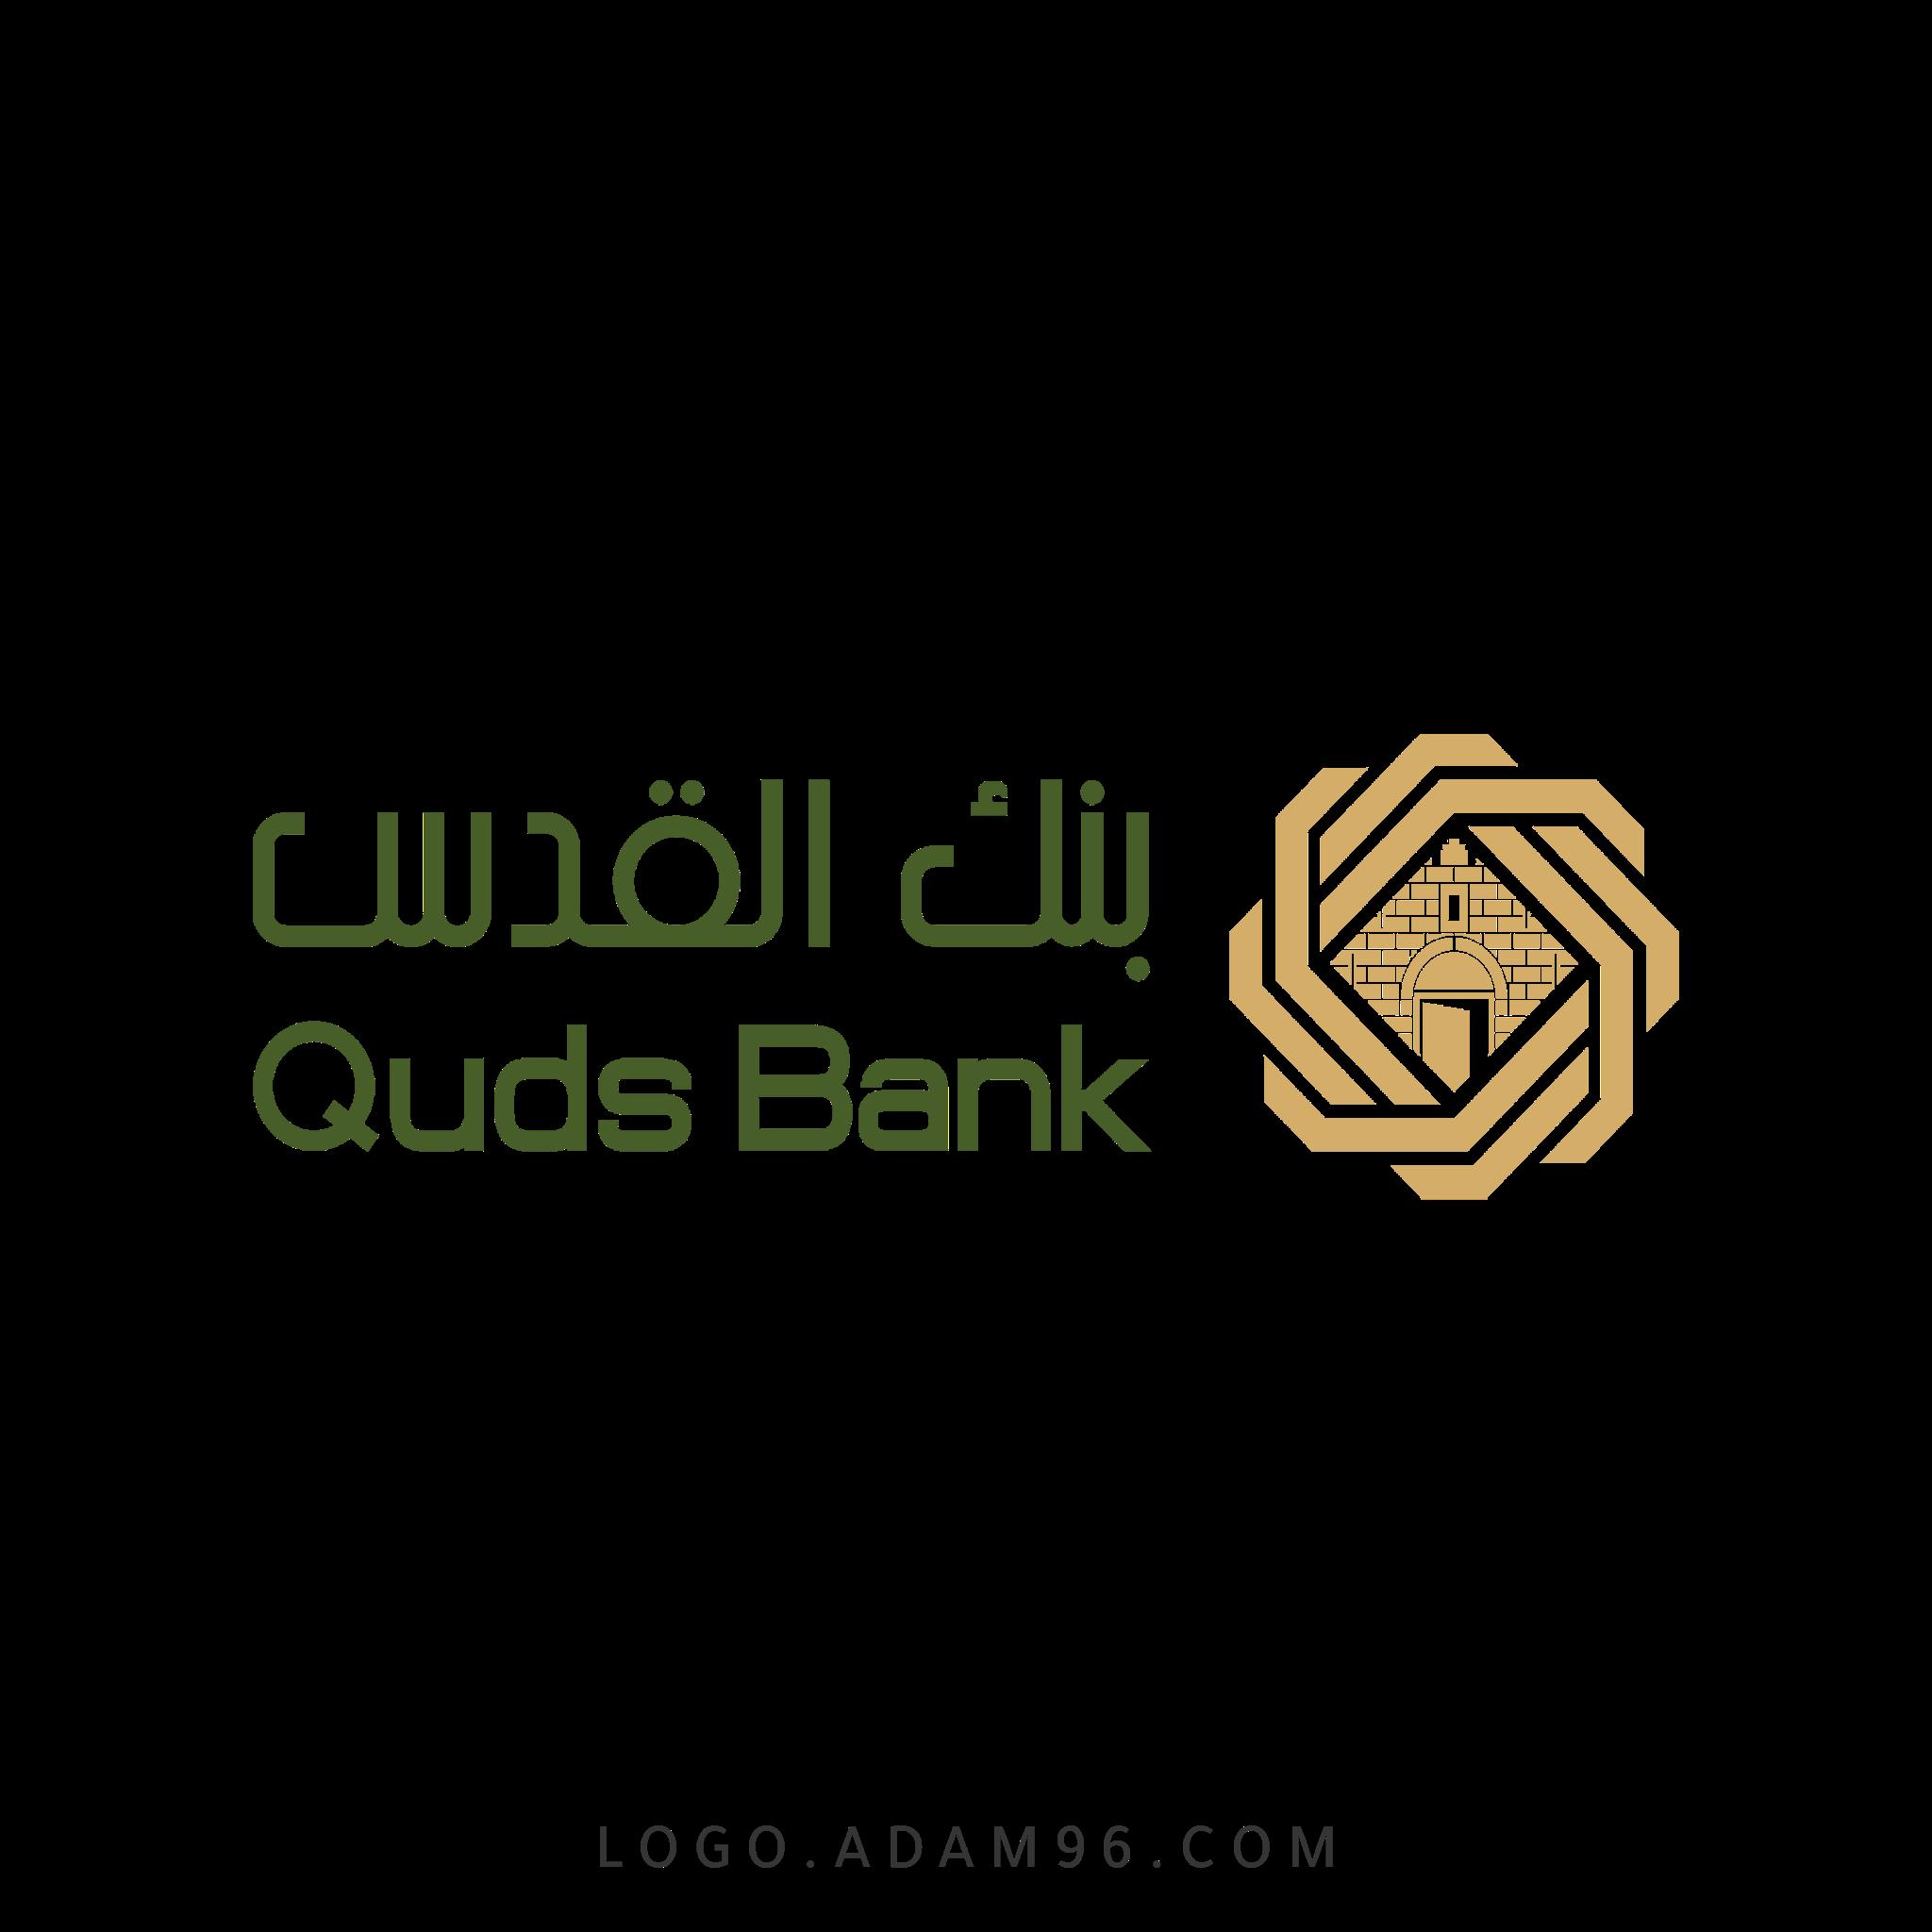 تحميل شعار بنك القدس - فلسطين لوجو رسمي عالي الجودة PNG